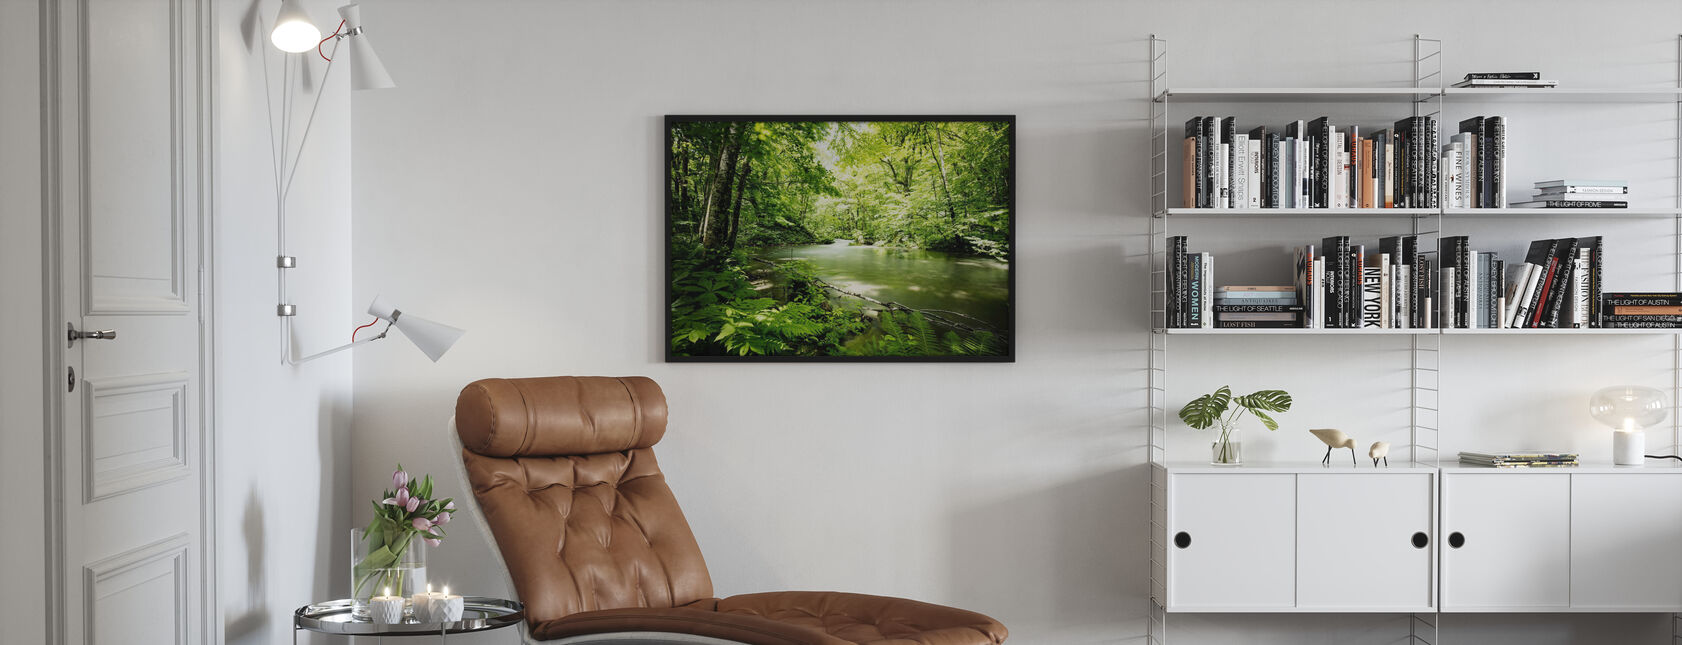 Tief in den Wald - Poster - Wohnzimmer